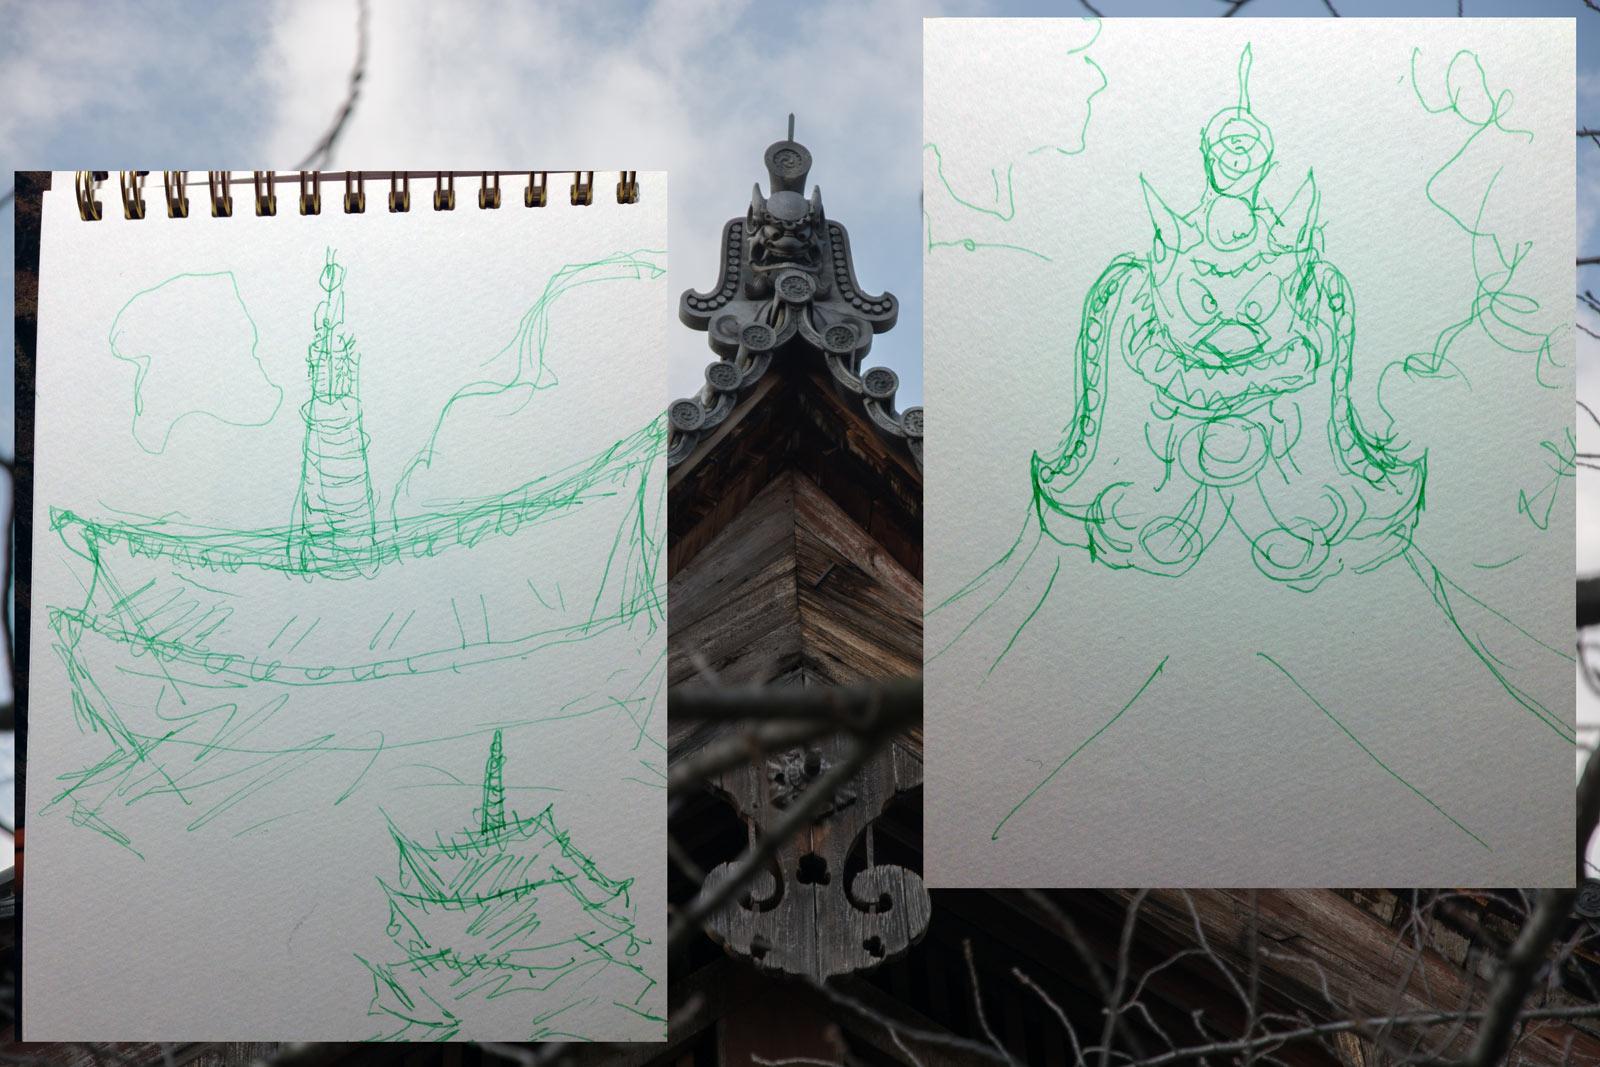 大晦日、八坂神社でおけら参り_a0271402_11205296.jpg